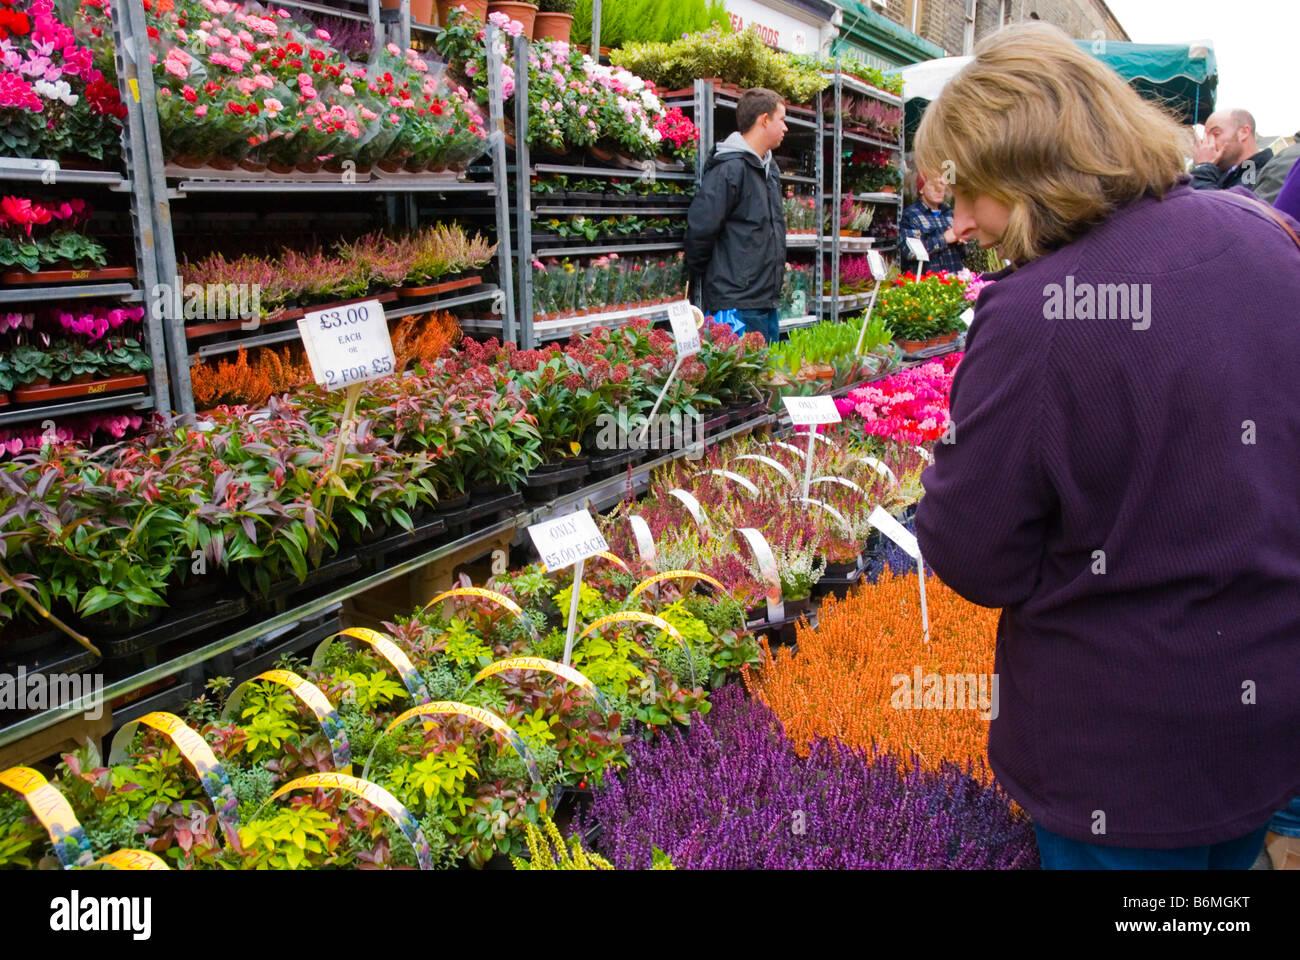 Columbia Road Flower Market au cours de la journée du marché du dimanche dans l'Est de Londres Angleterre Photo Stock